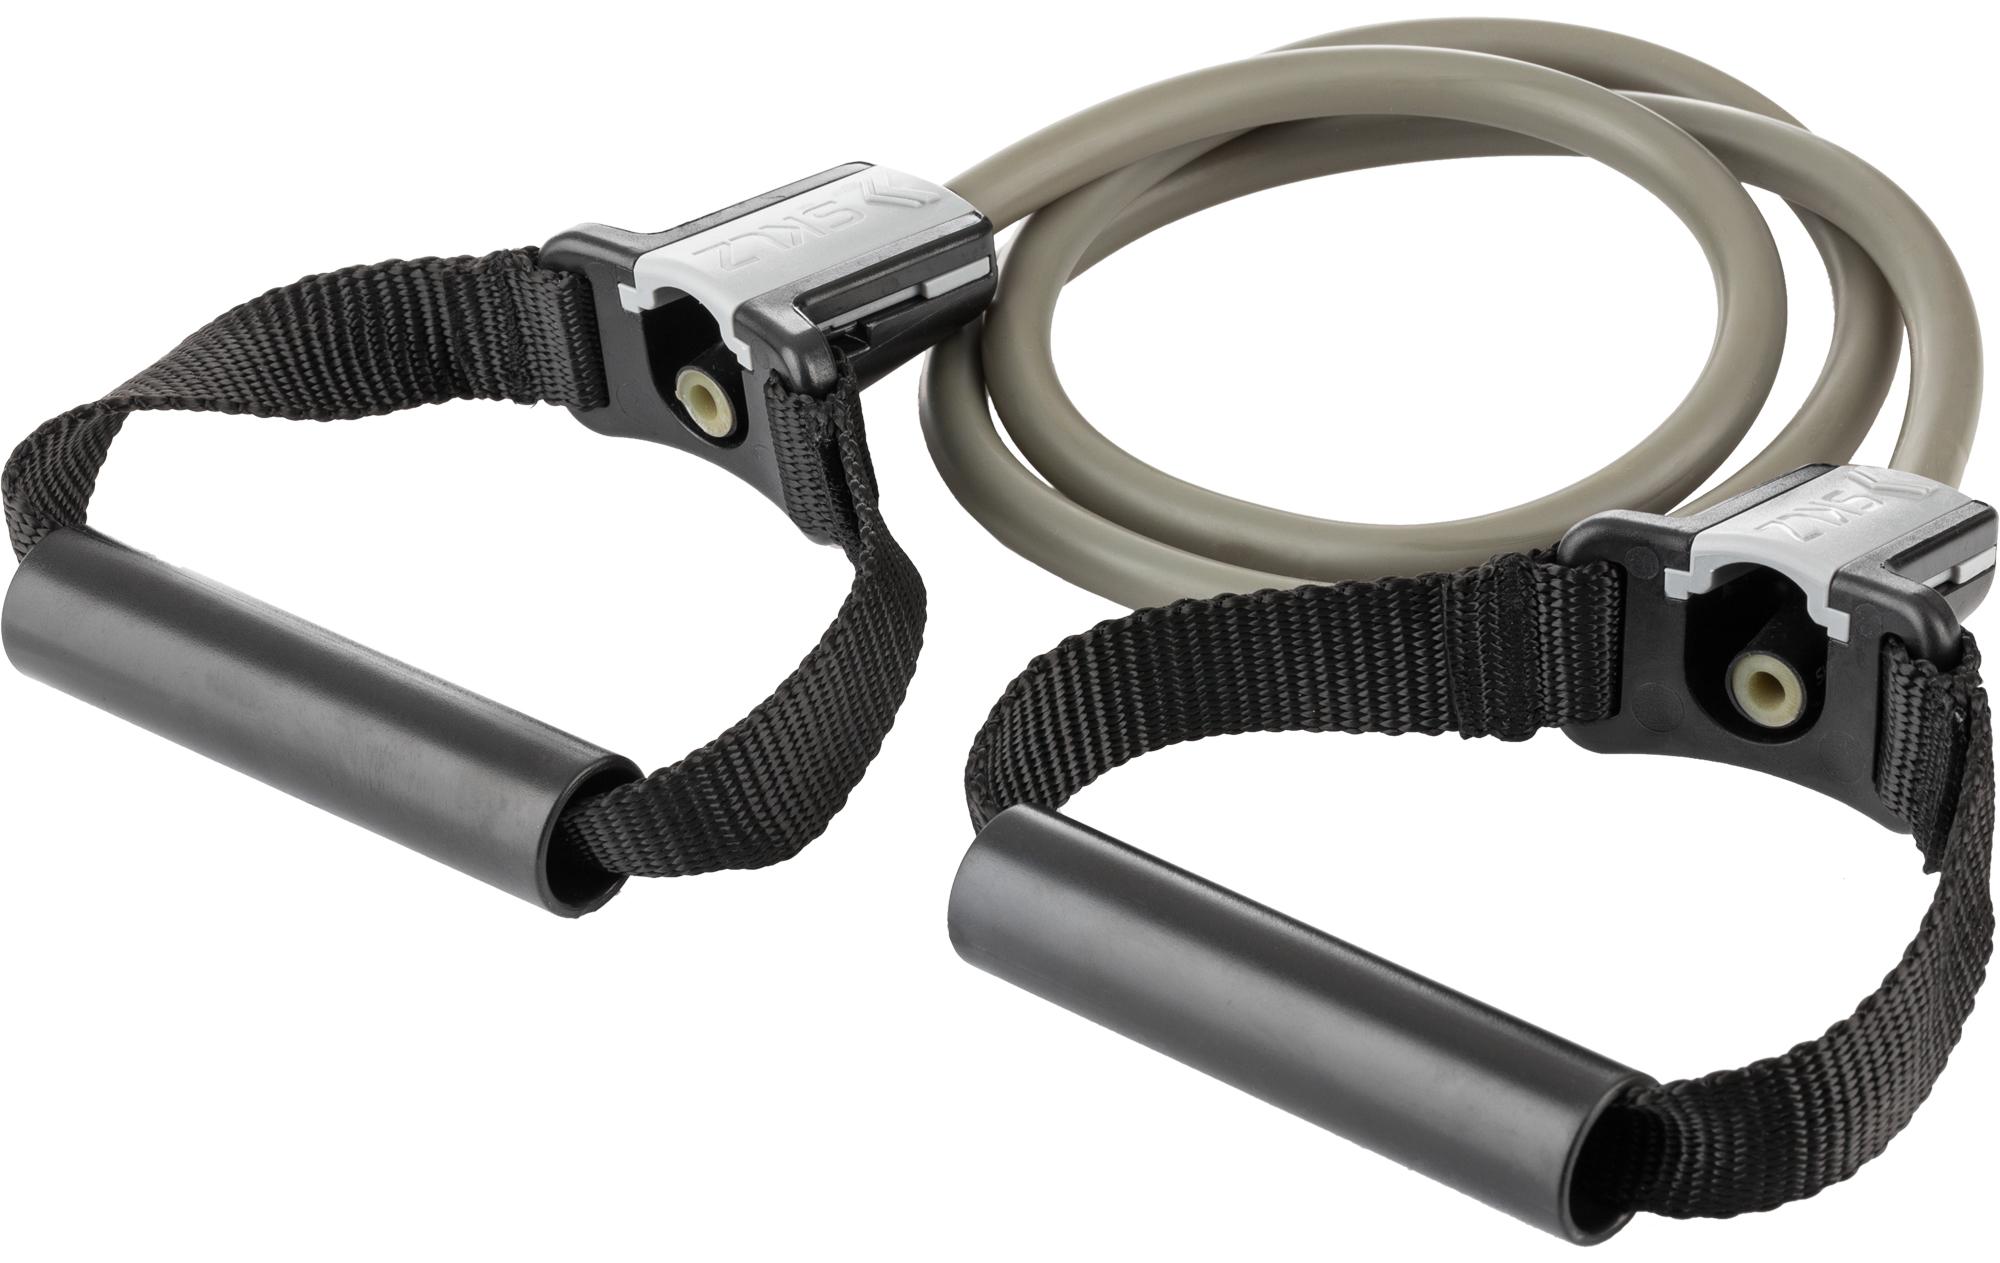 SKLZ Набор для тренировок с силовыми тросами (тяжелое сопротивление) SKLZ, размер Без размера